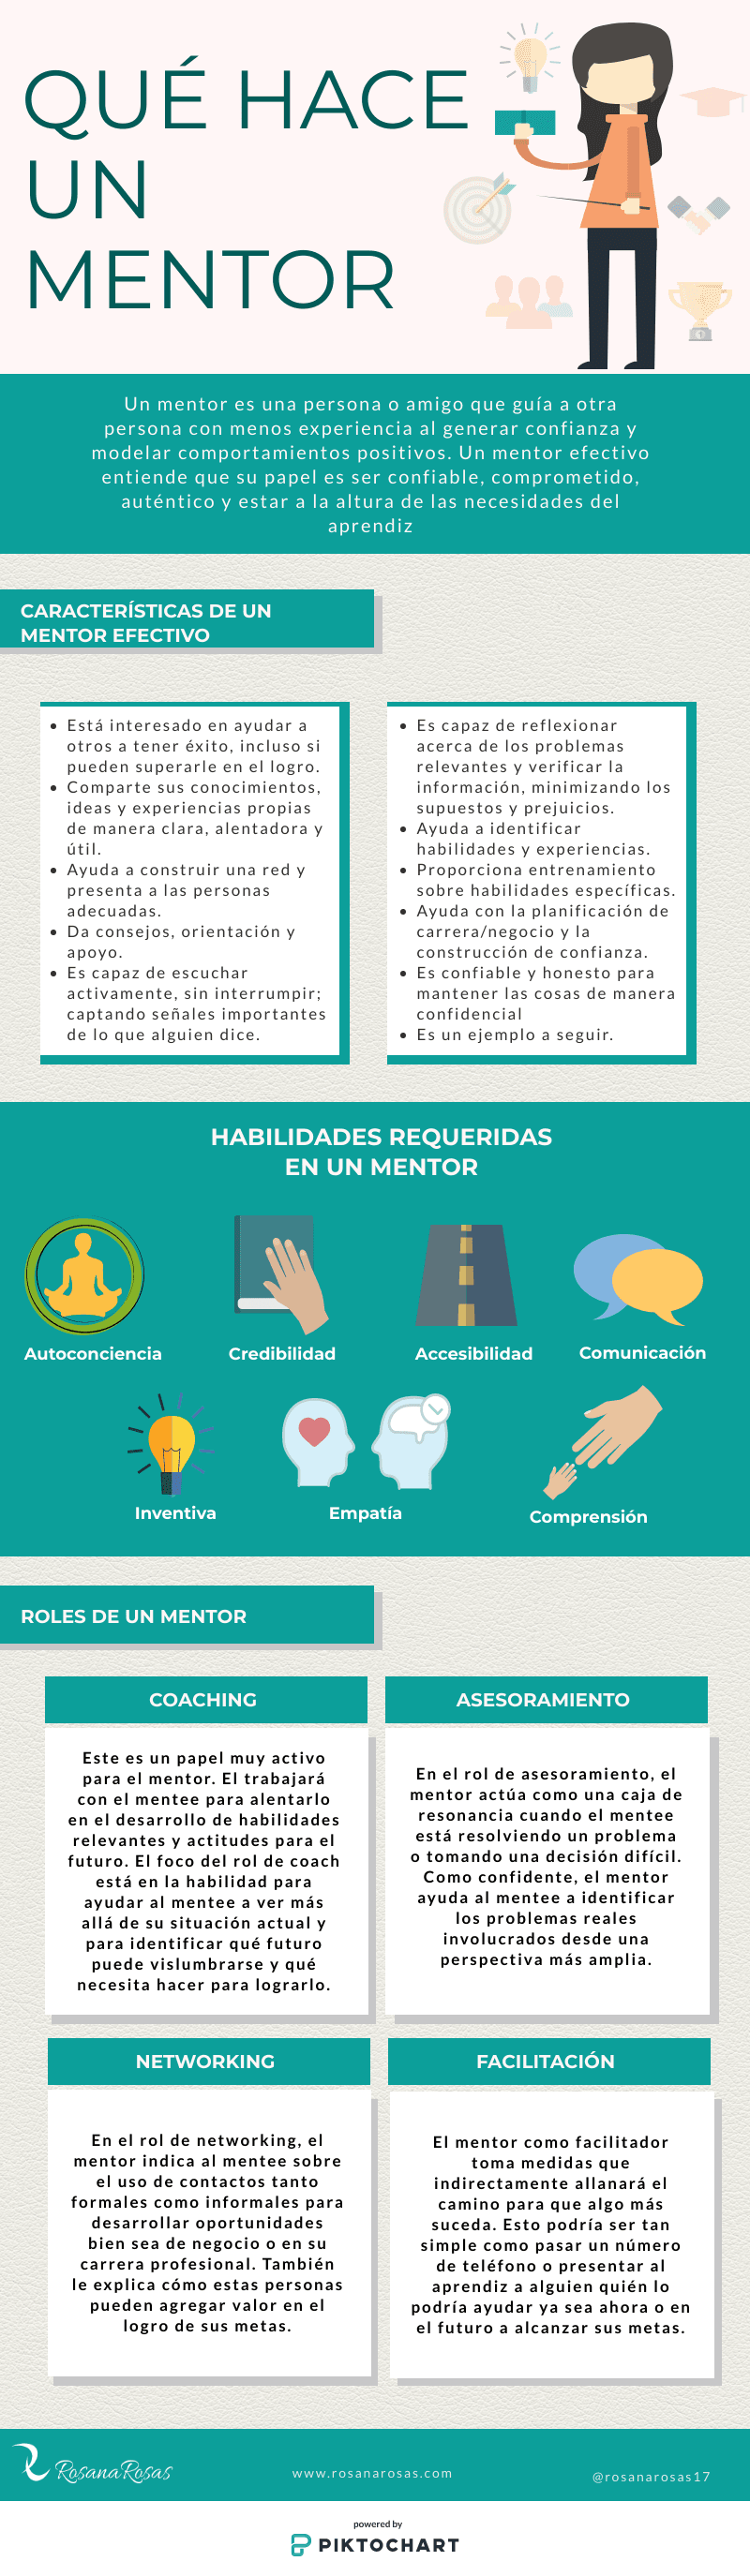 Infografia qué hace un mentor